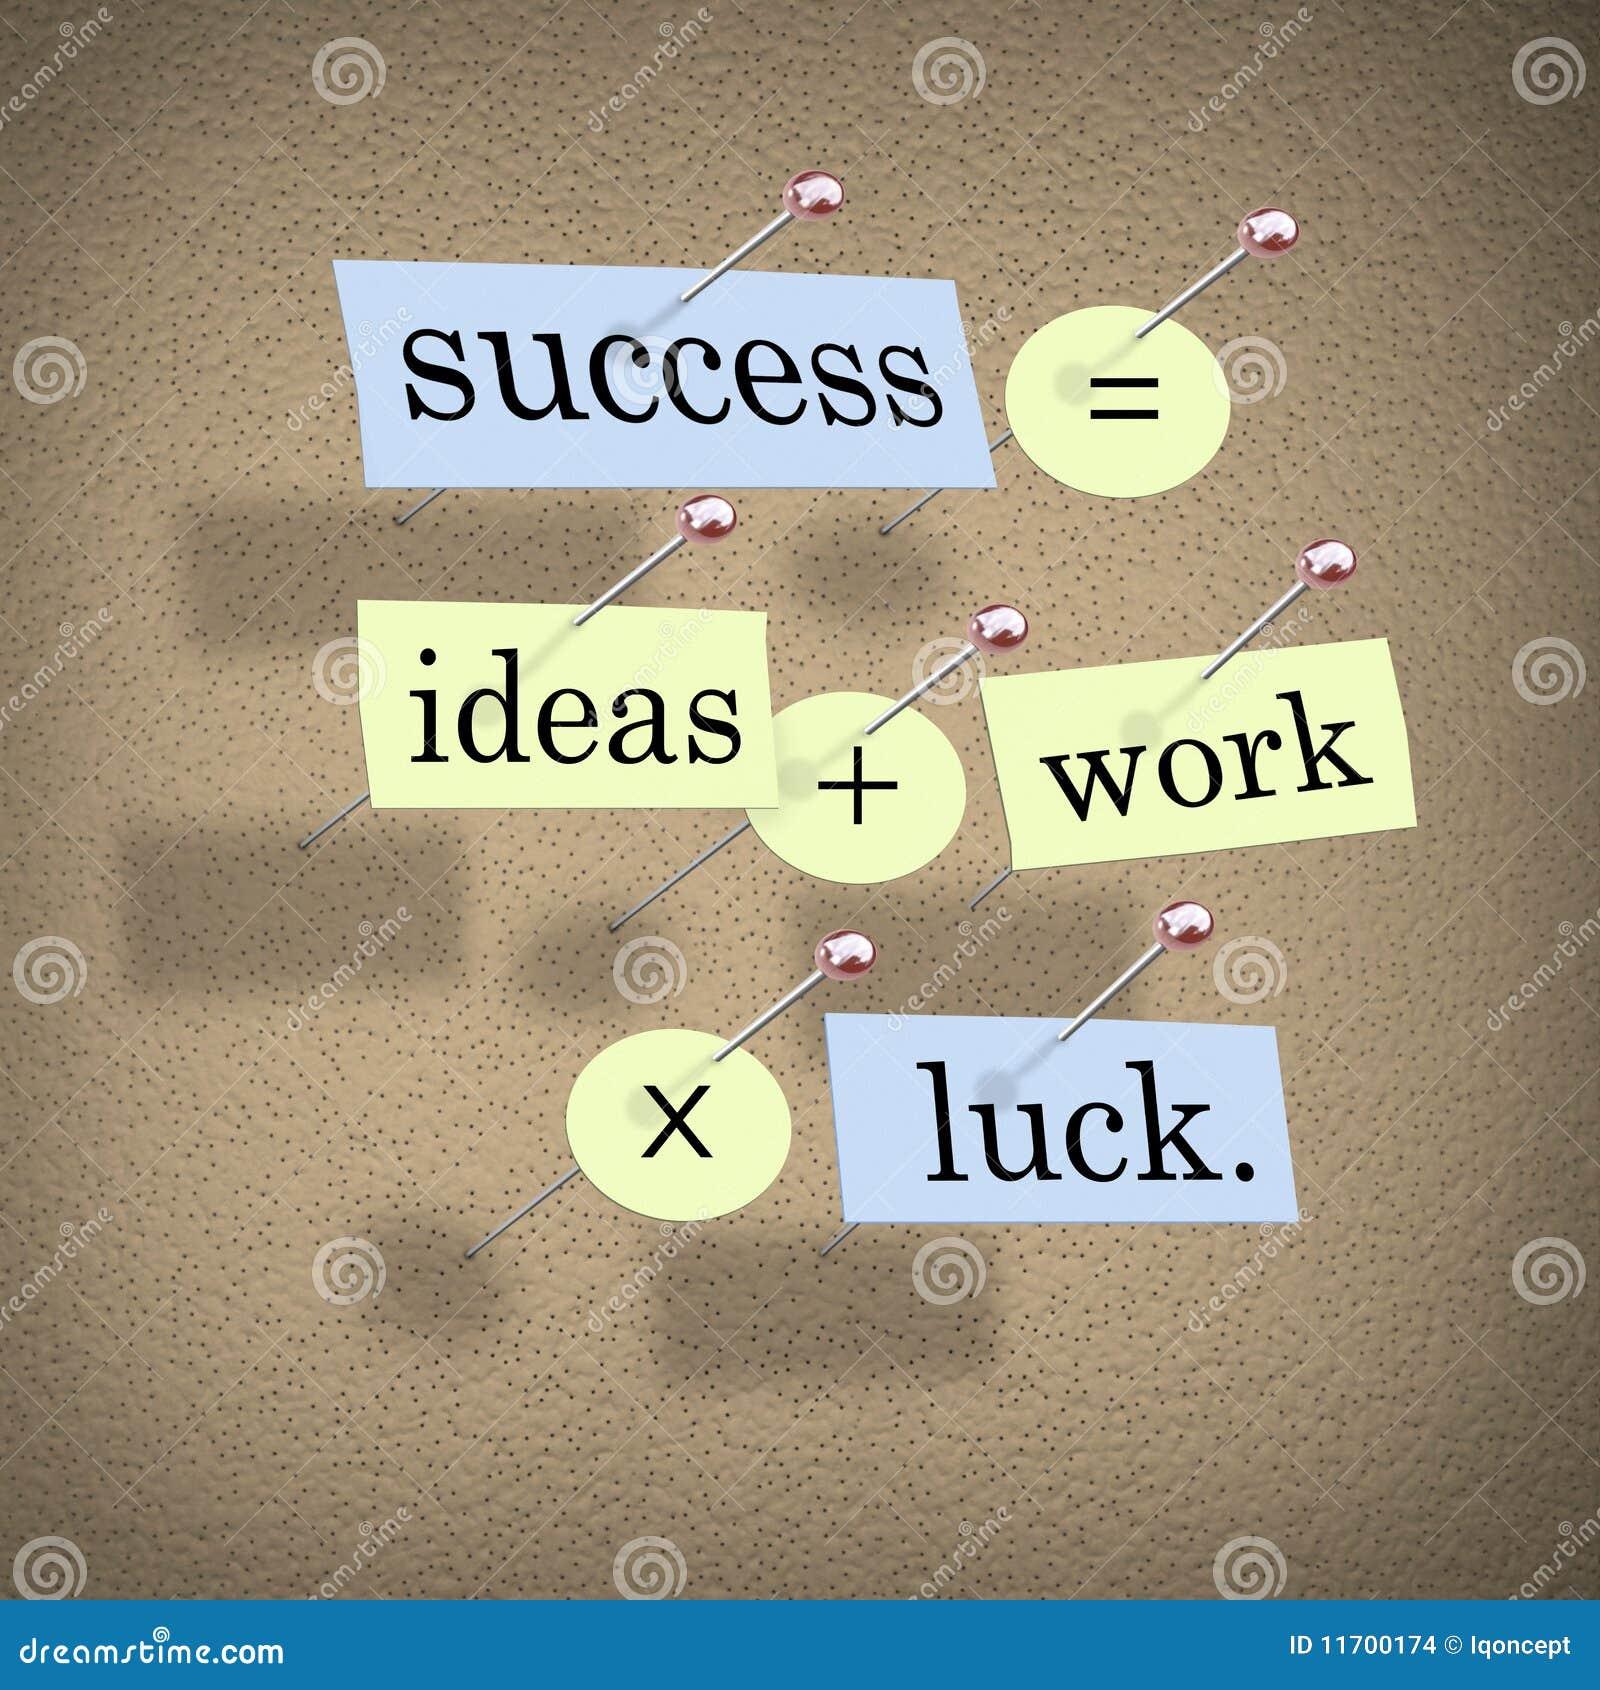 везение идей равных плюс успех рас работа